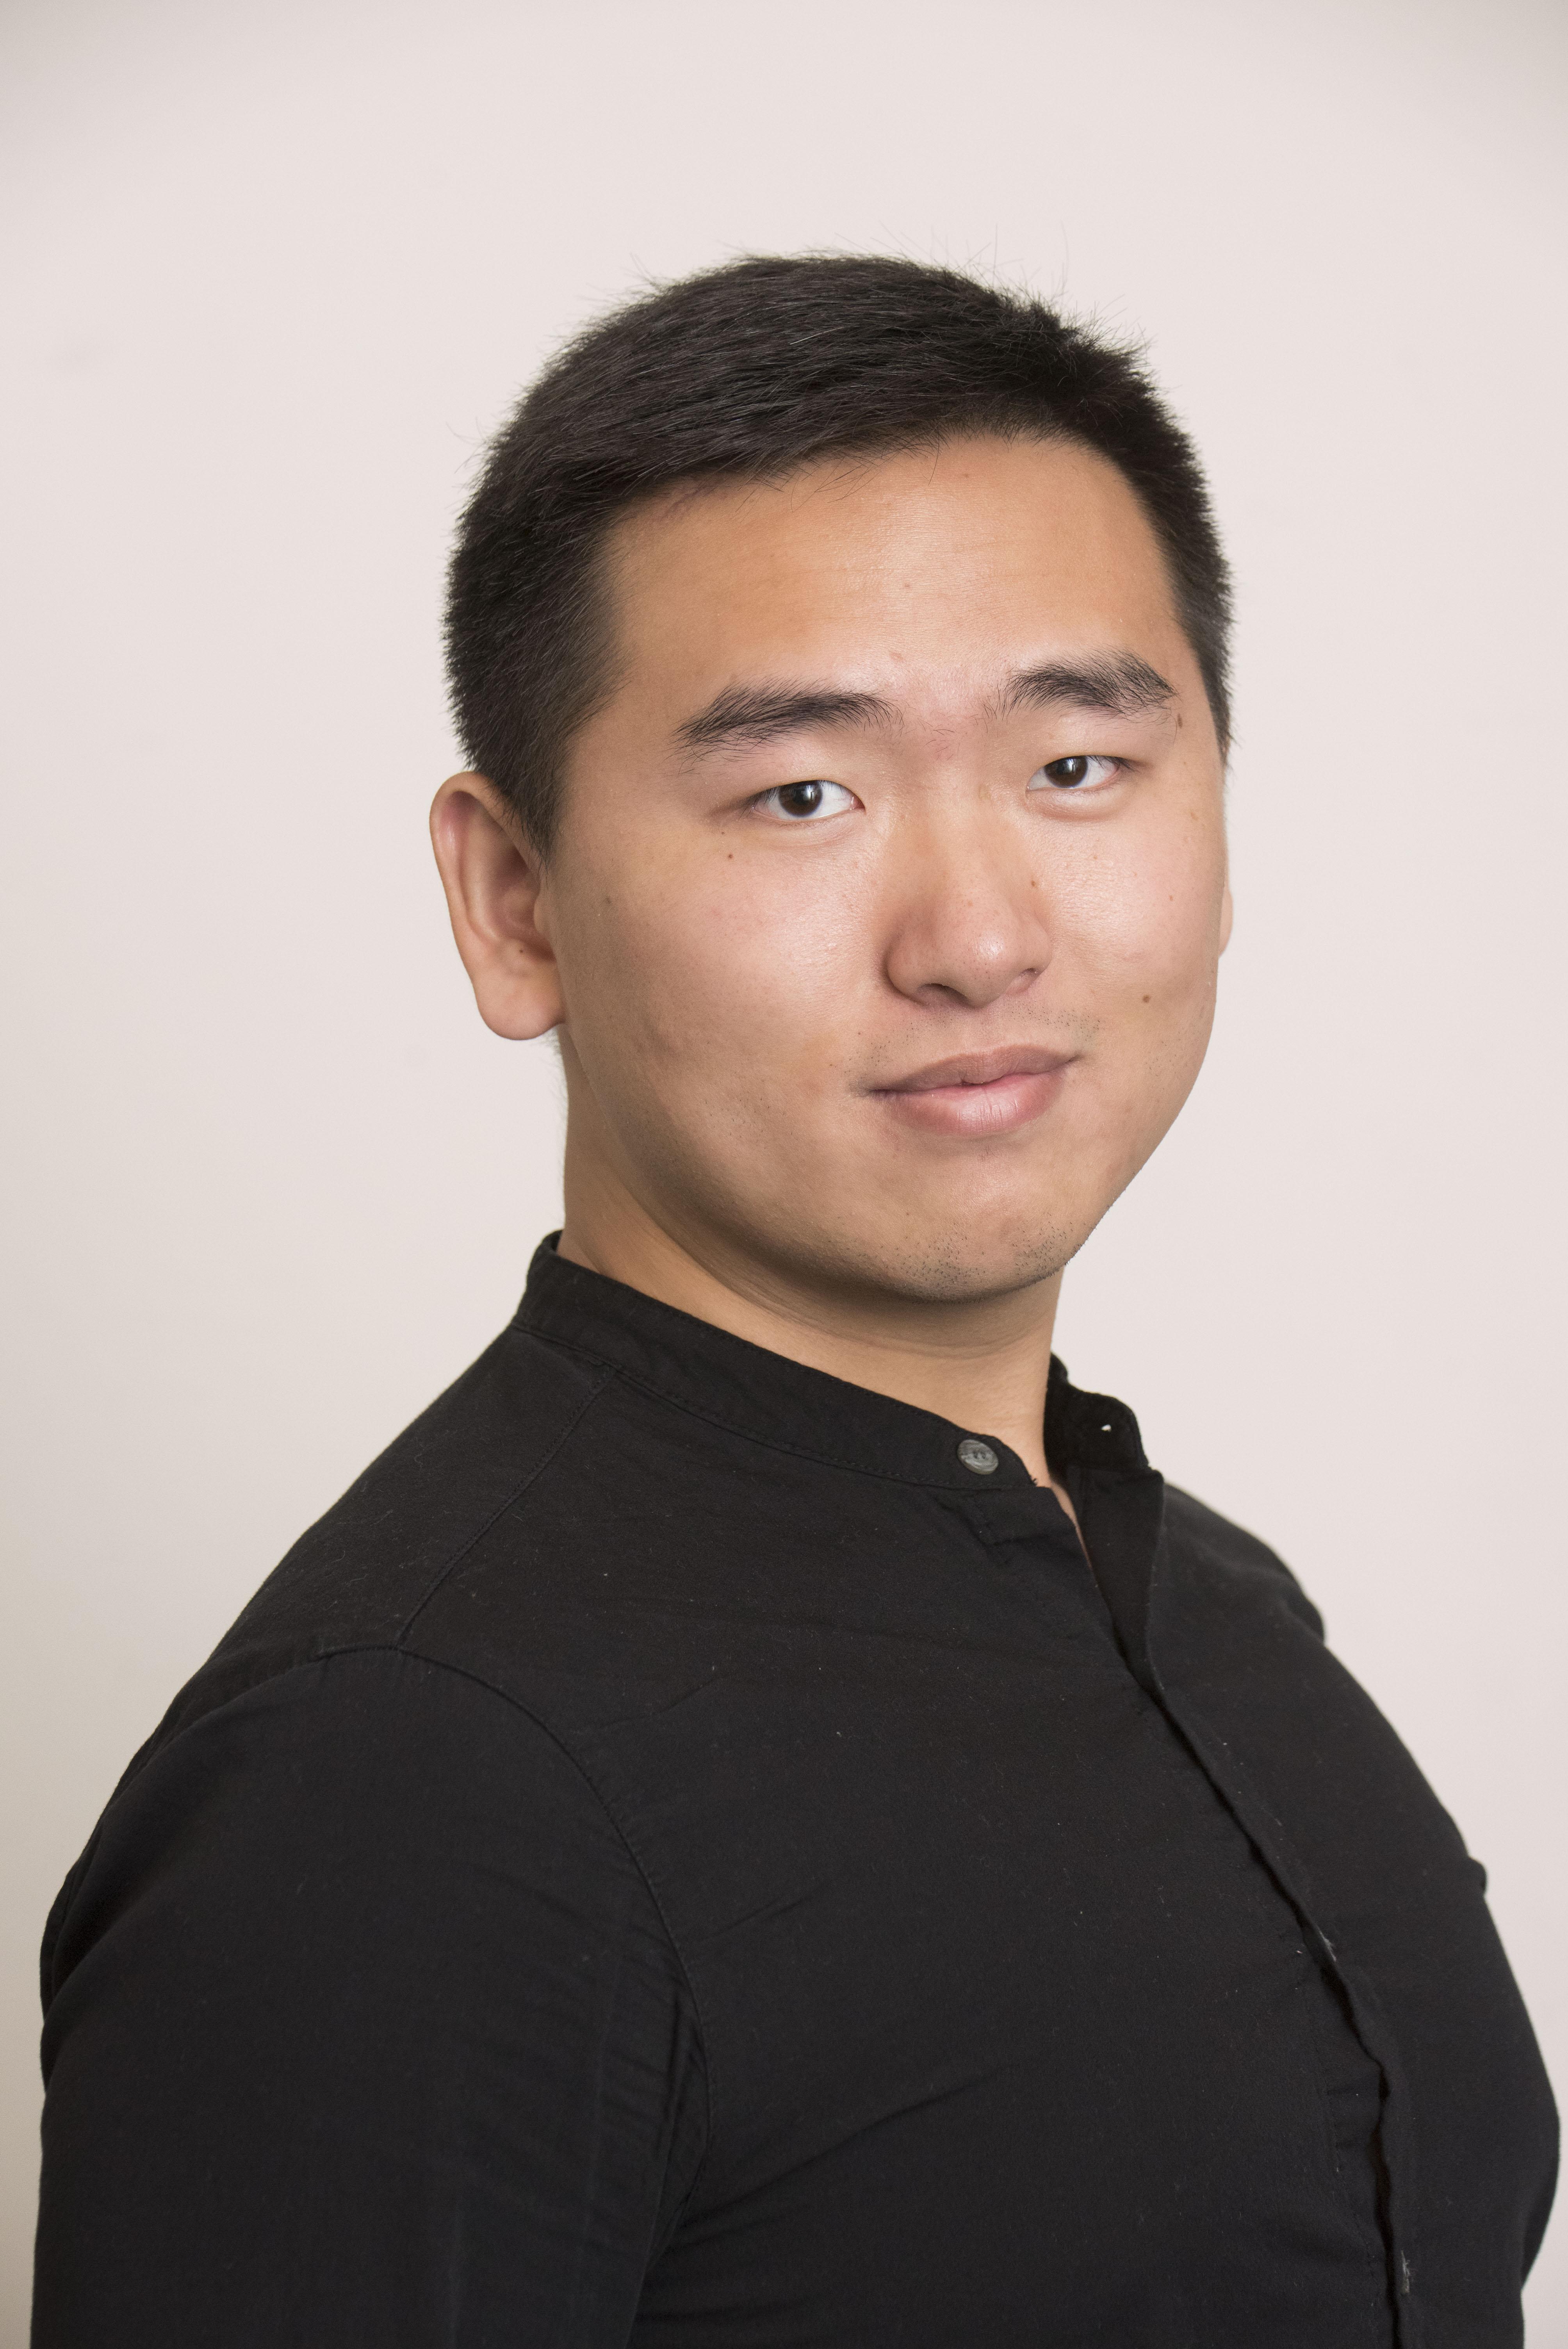 Headshot of Cheng Ma